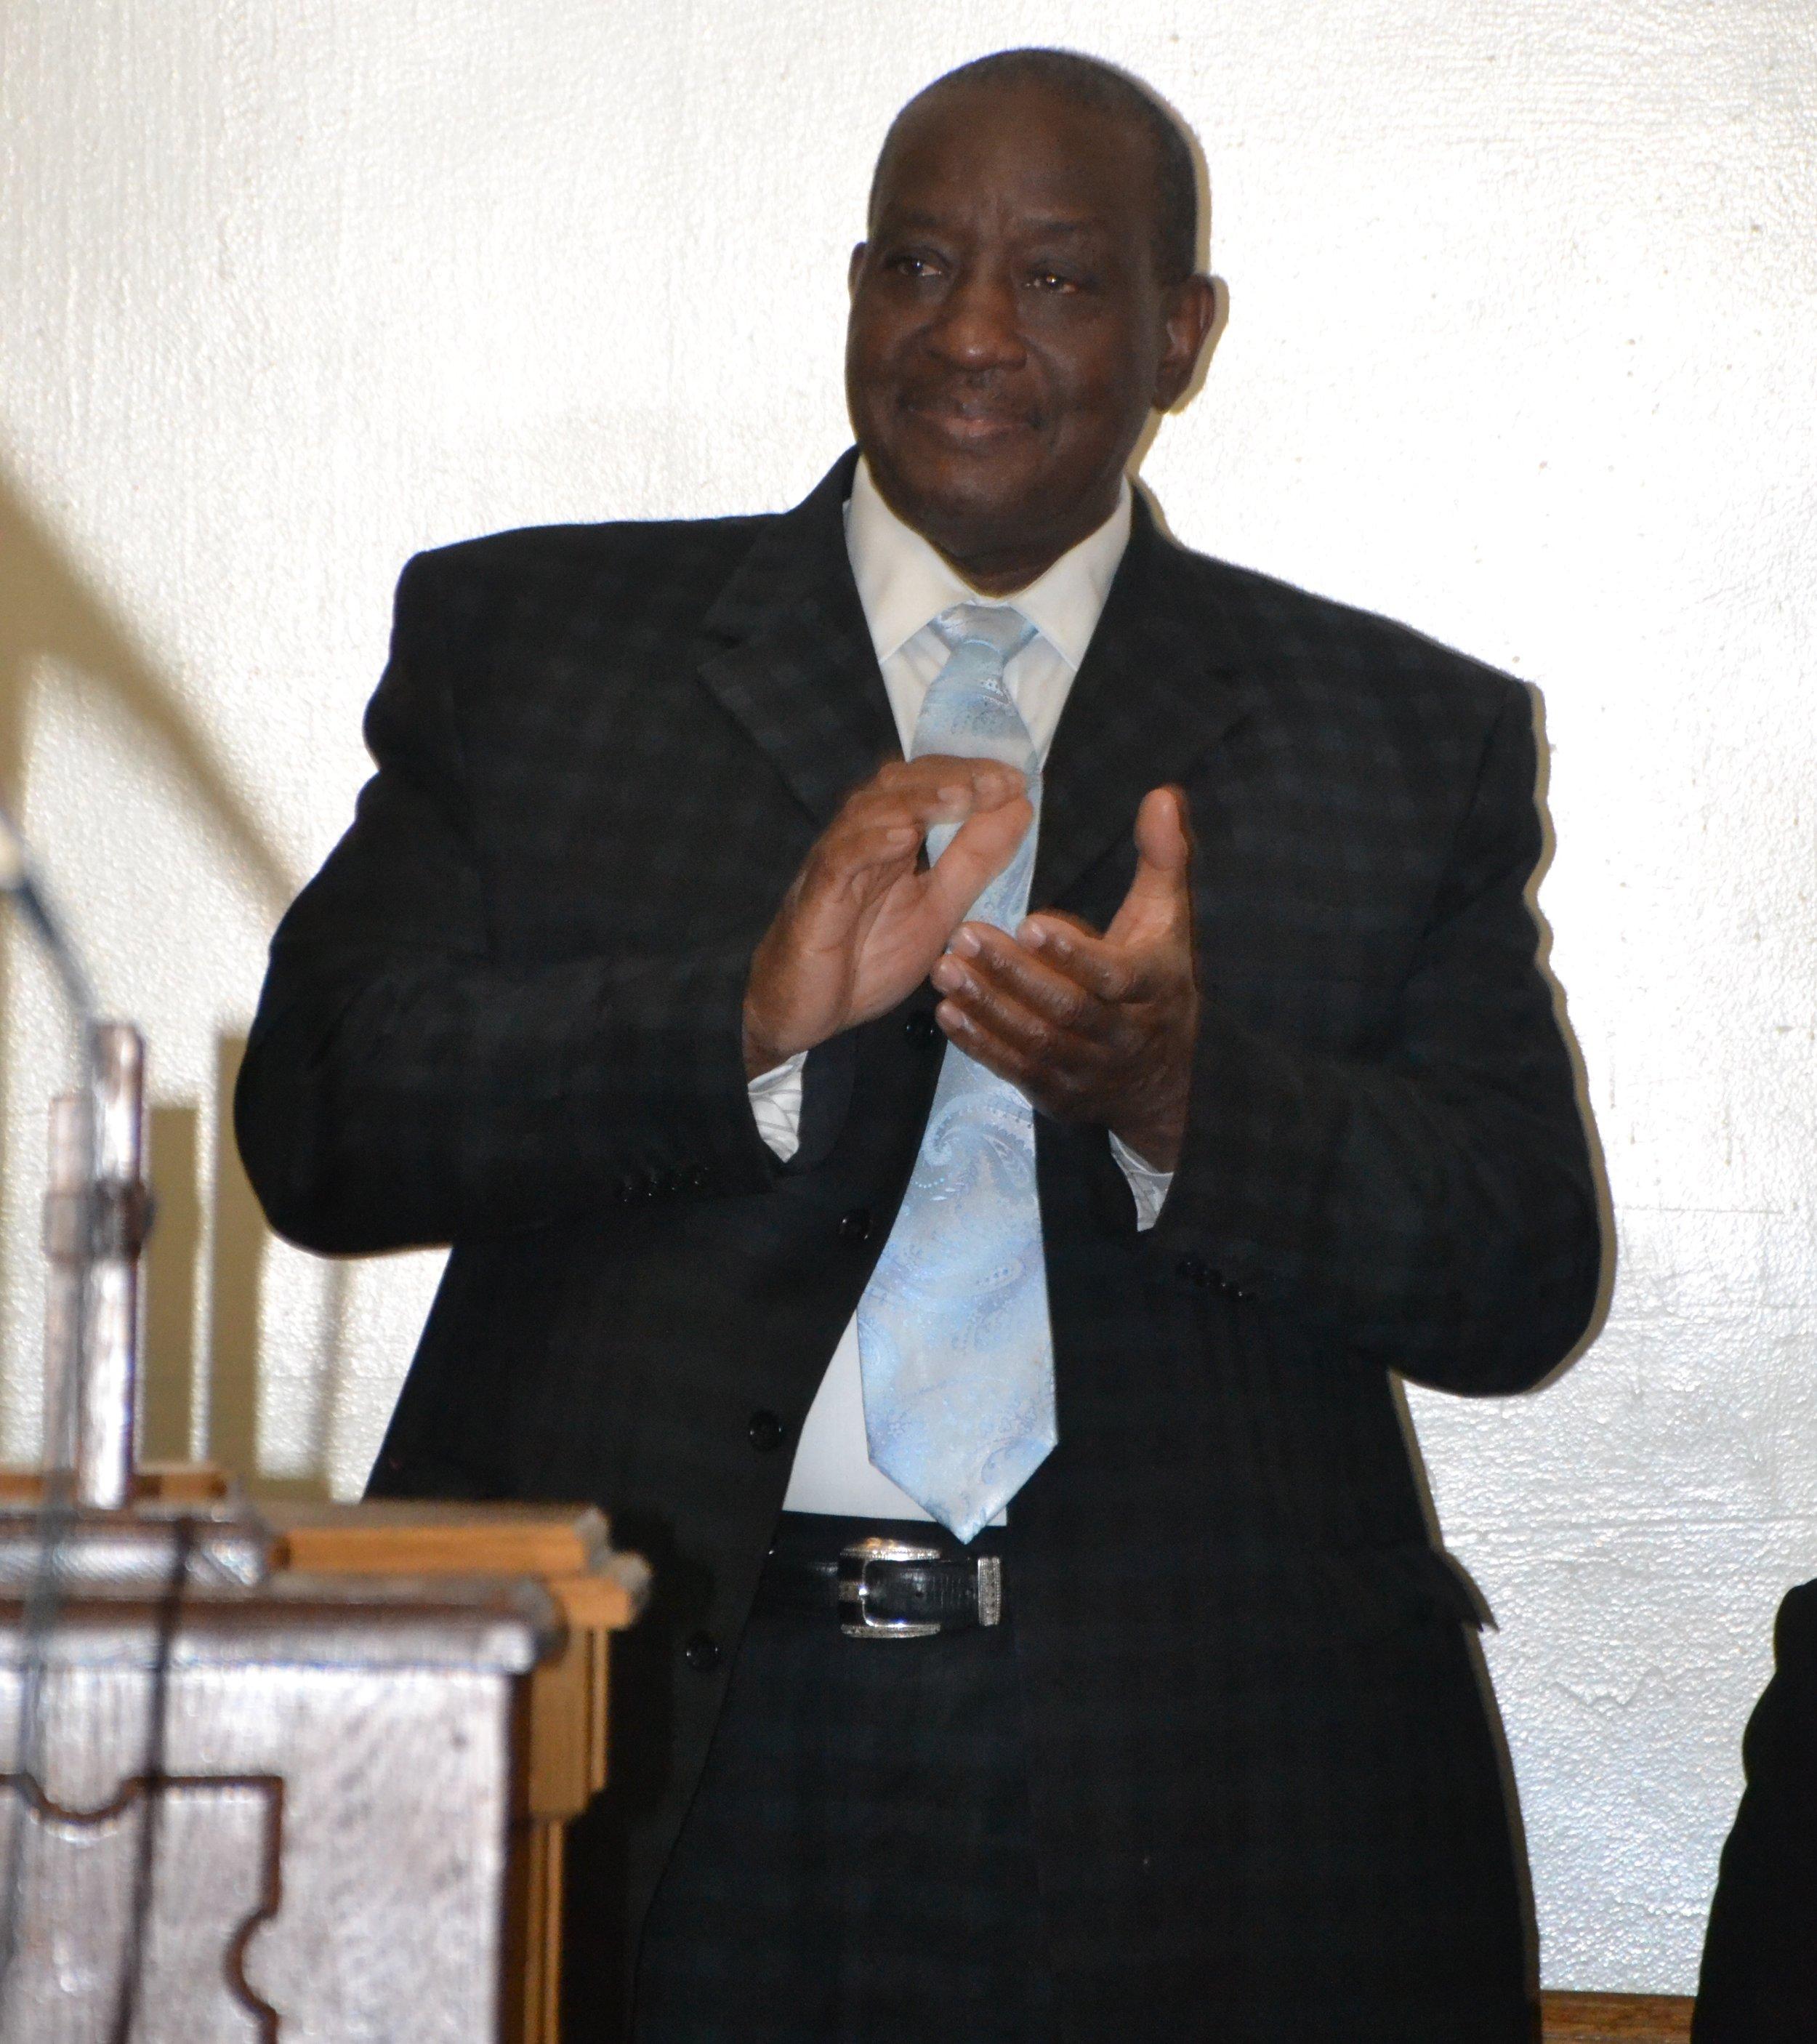 Bro. Willie Haggan